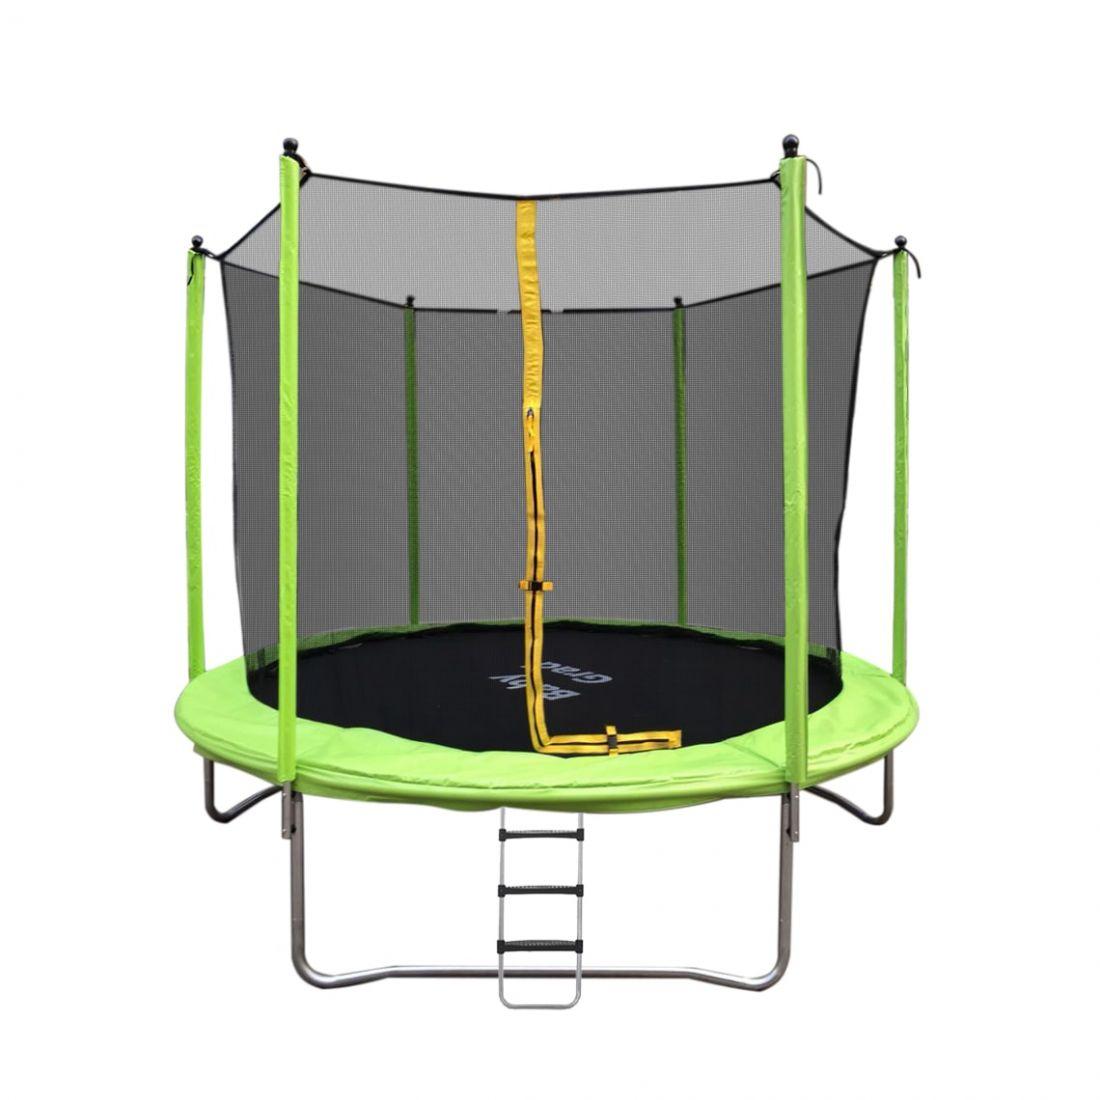 Батут с внутренней защитной сеткой - Baby Grad Оптима 10ft( 3,05 метра), цвет зеленый